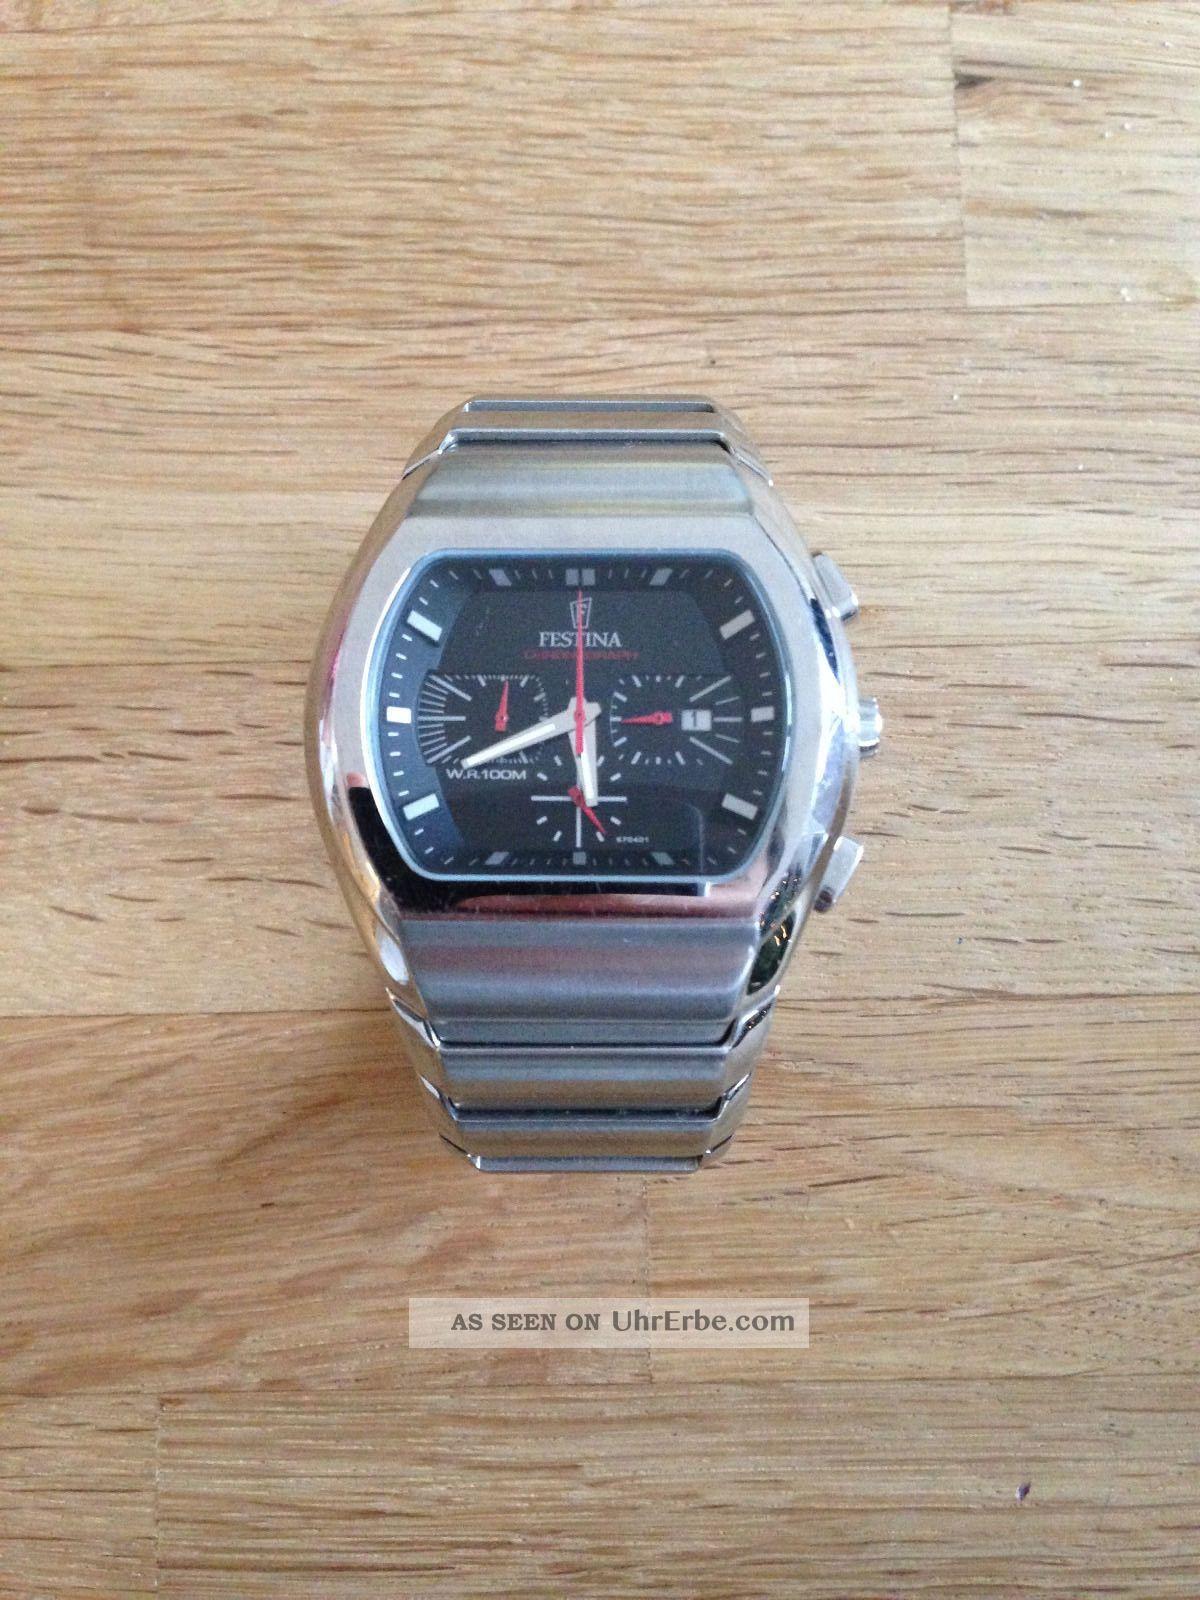 Festina Herrenuhr - 6704 Armbanduhren Bild